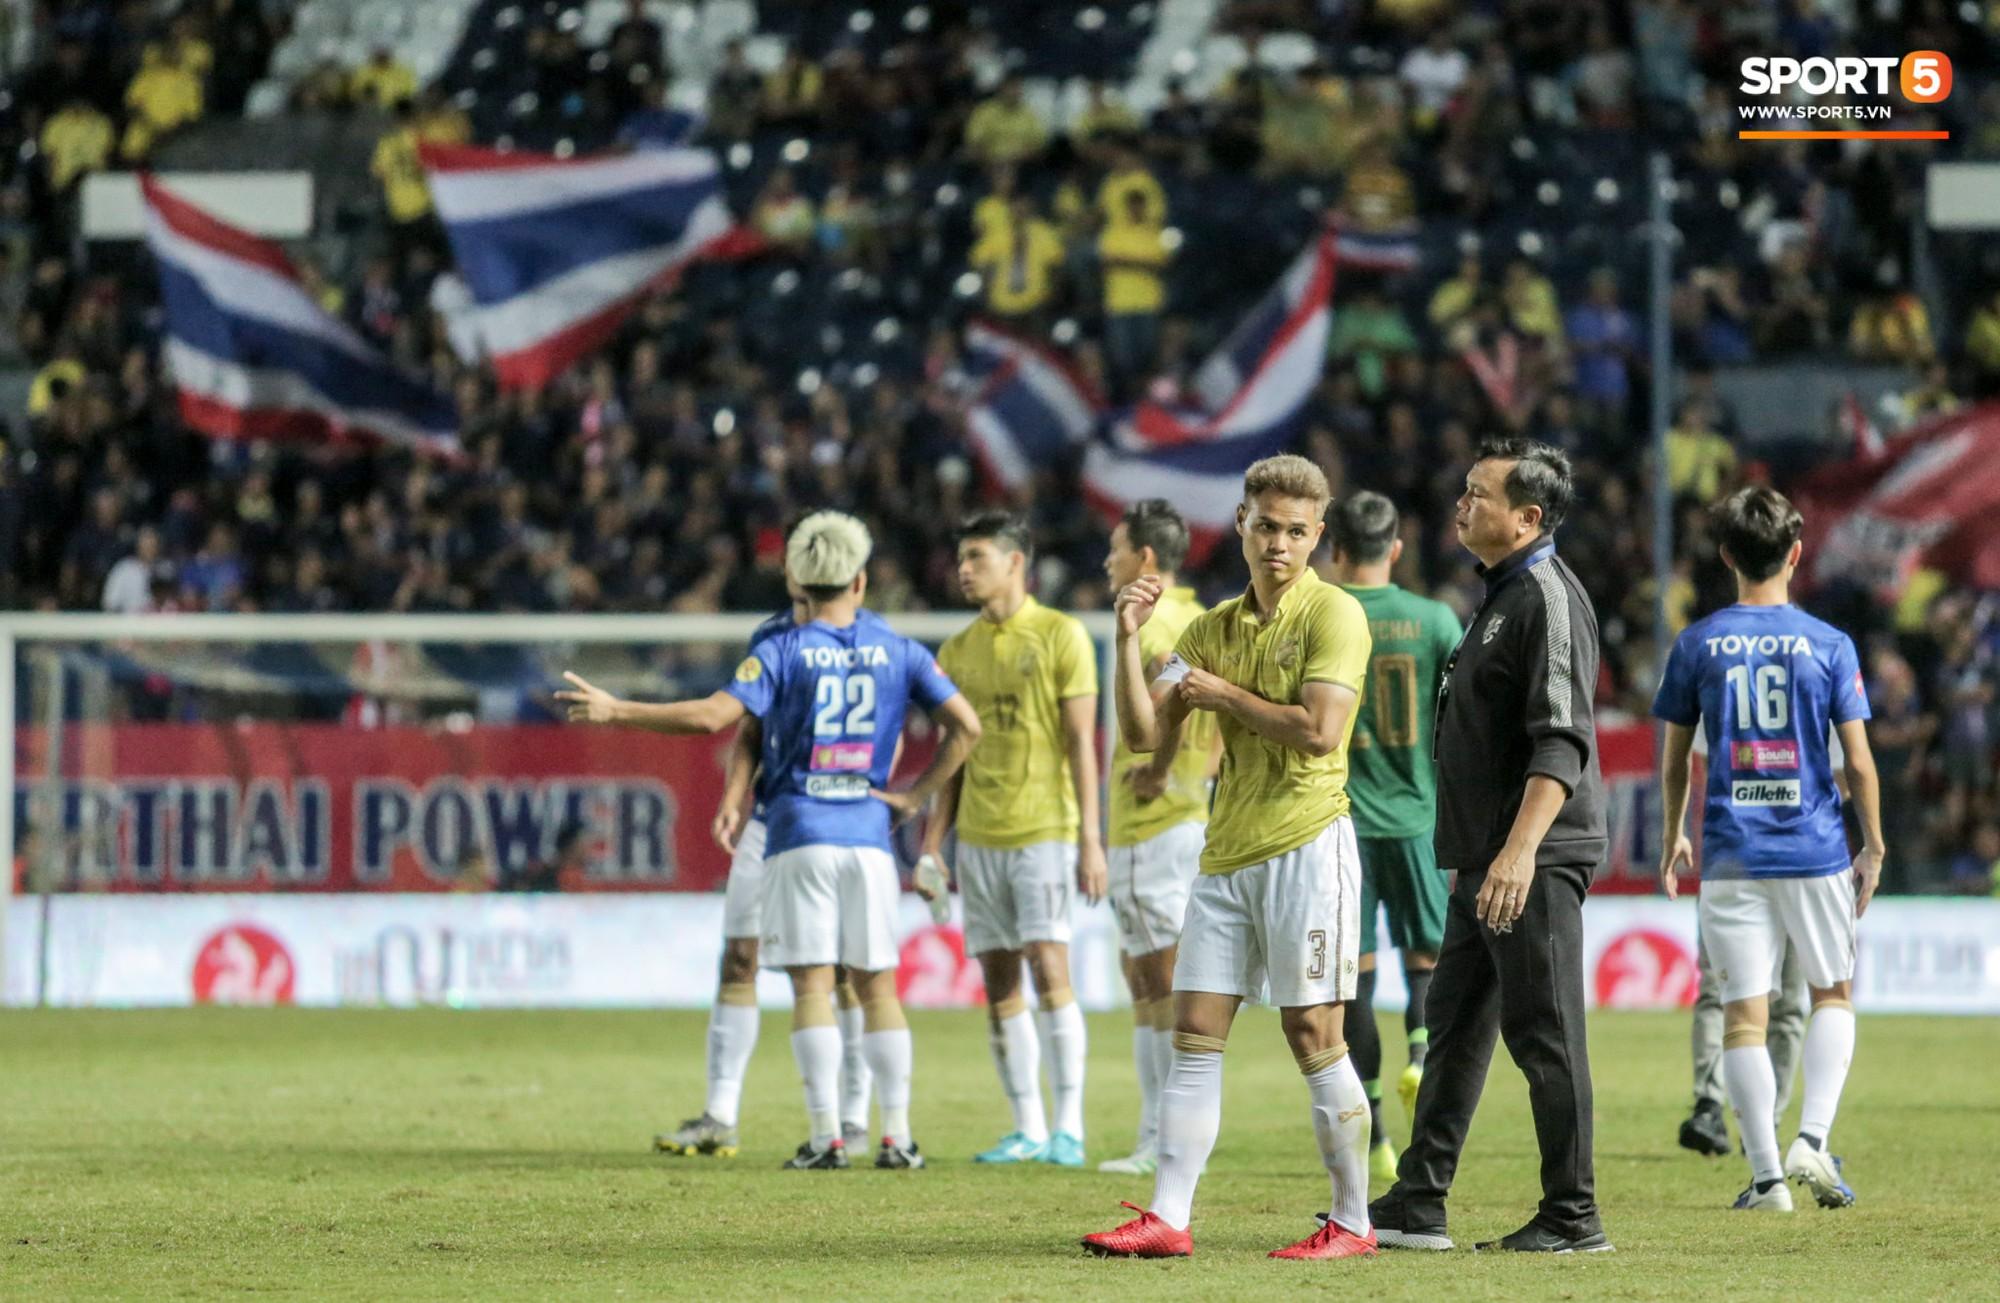 Hài hước: Tiền vệ tuyển Việt Nam bị trọng tài xin lại bụng bầu sau màn ăn mừng kinh điển-13